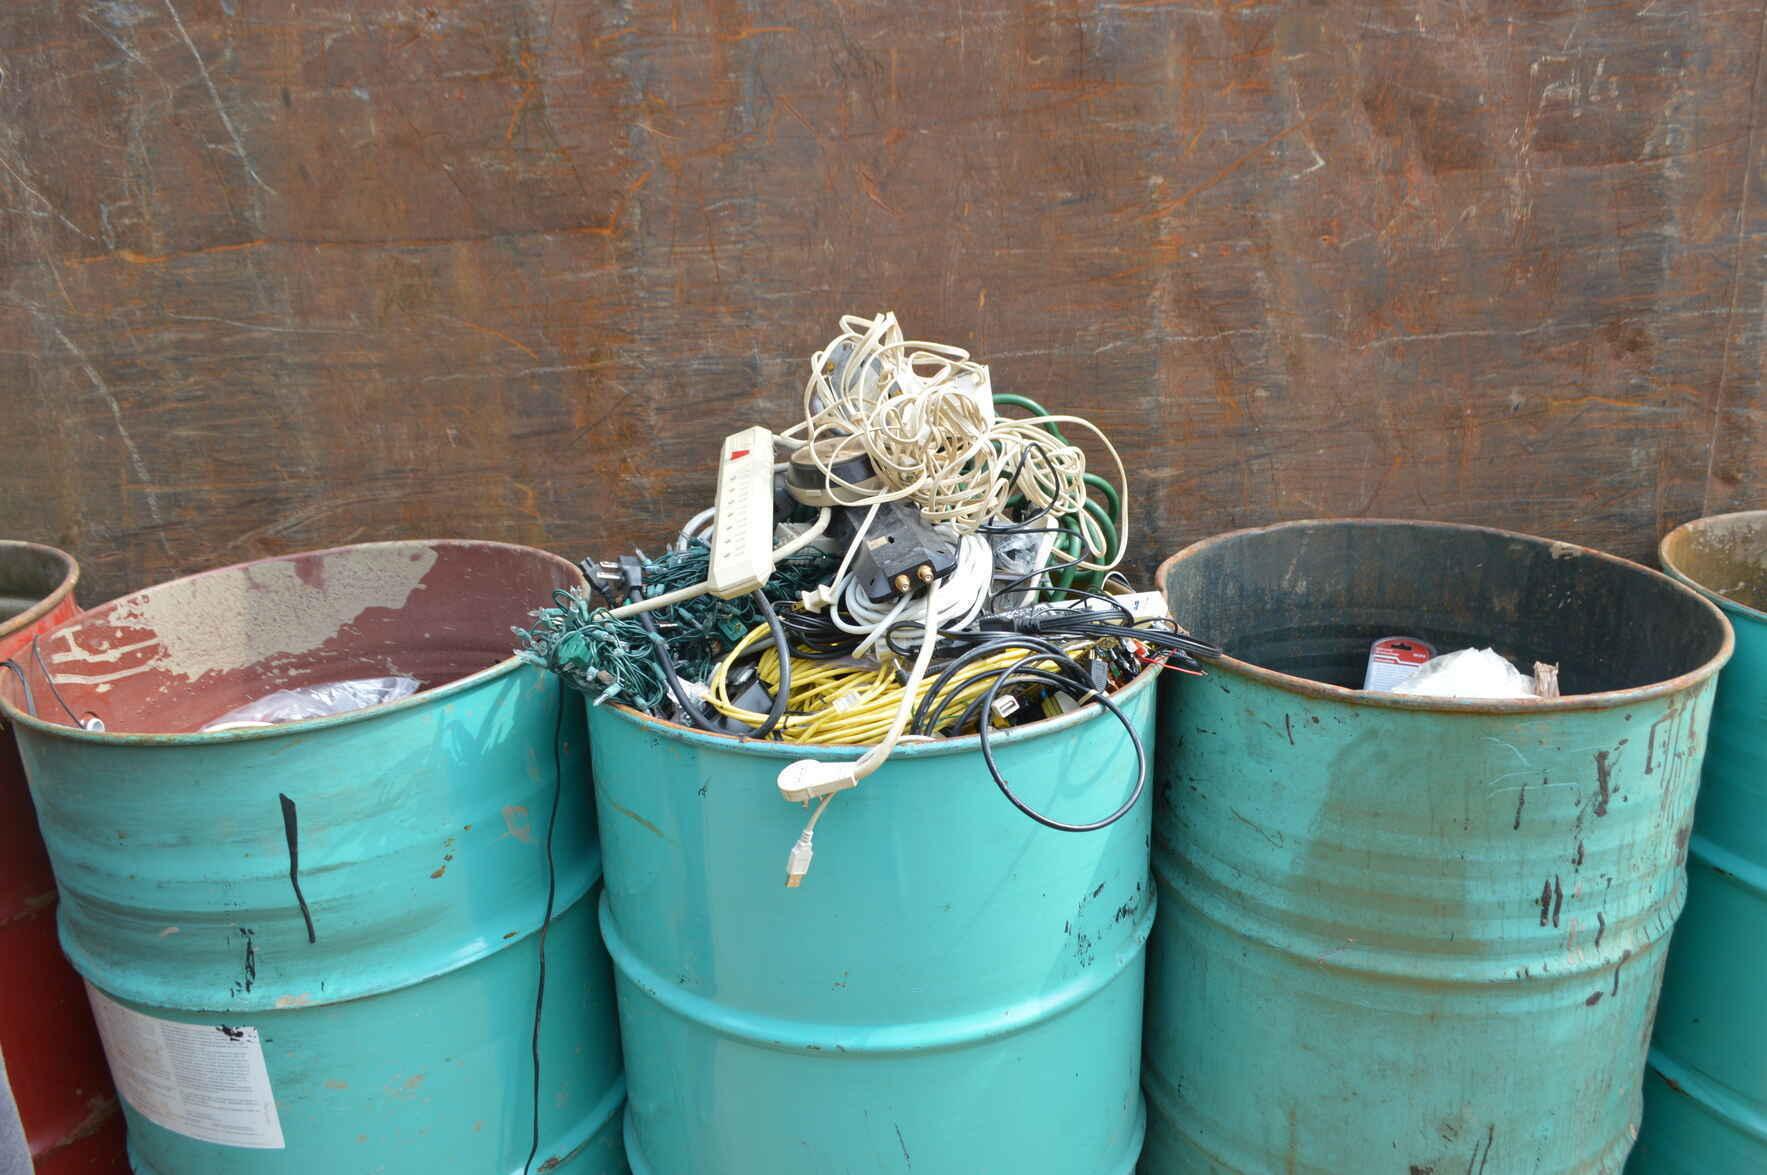 Hard 2 Recycle - Volunteer image